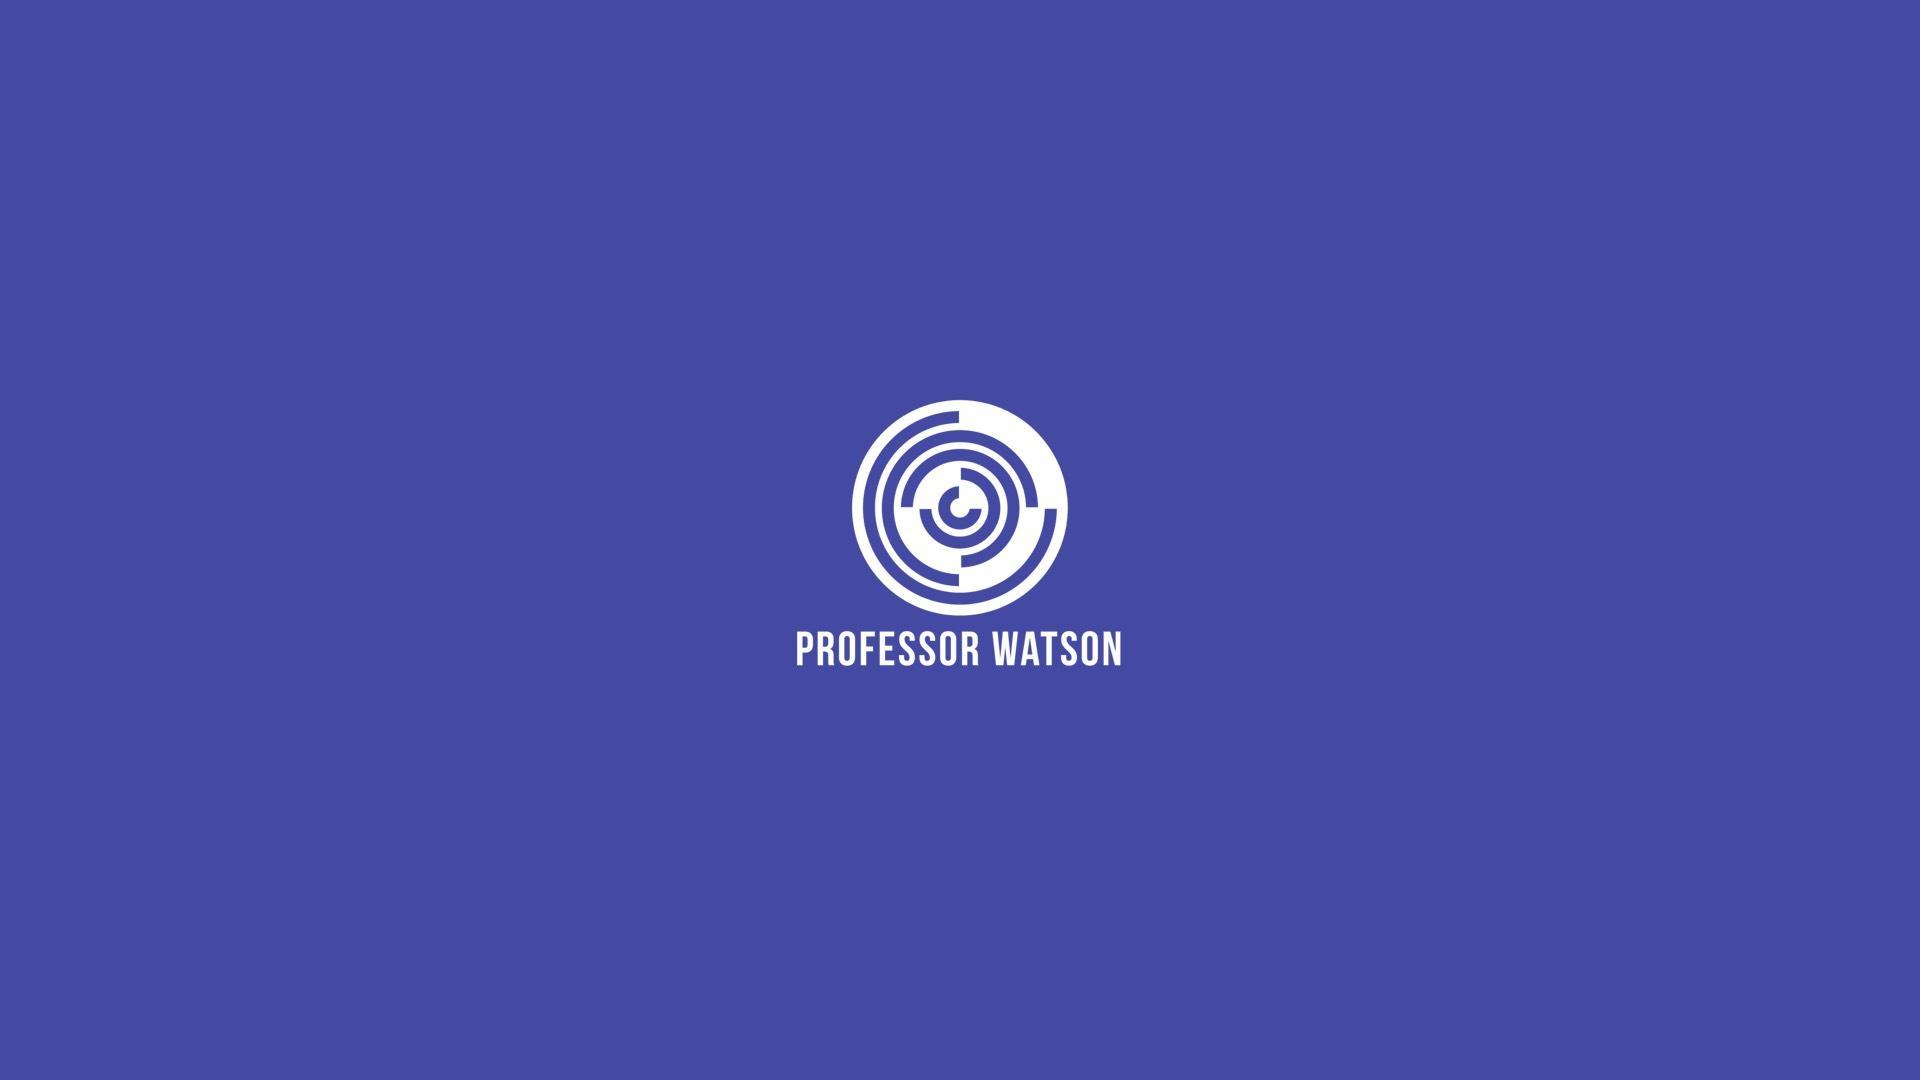 Professor Watson